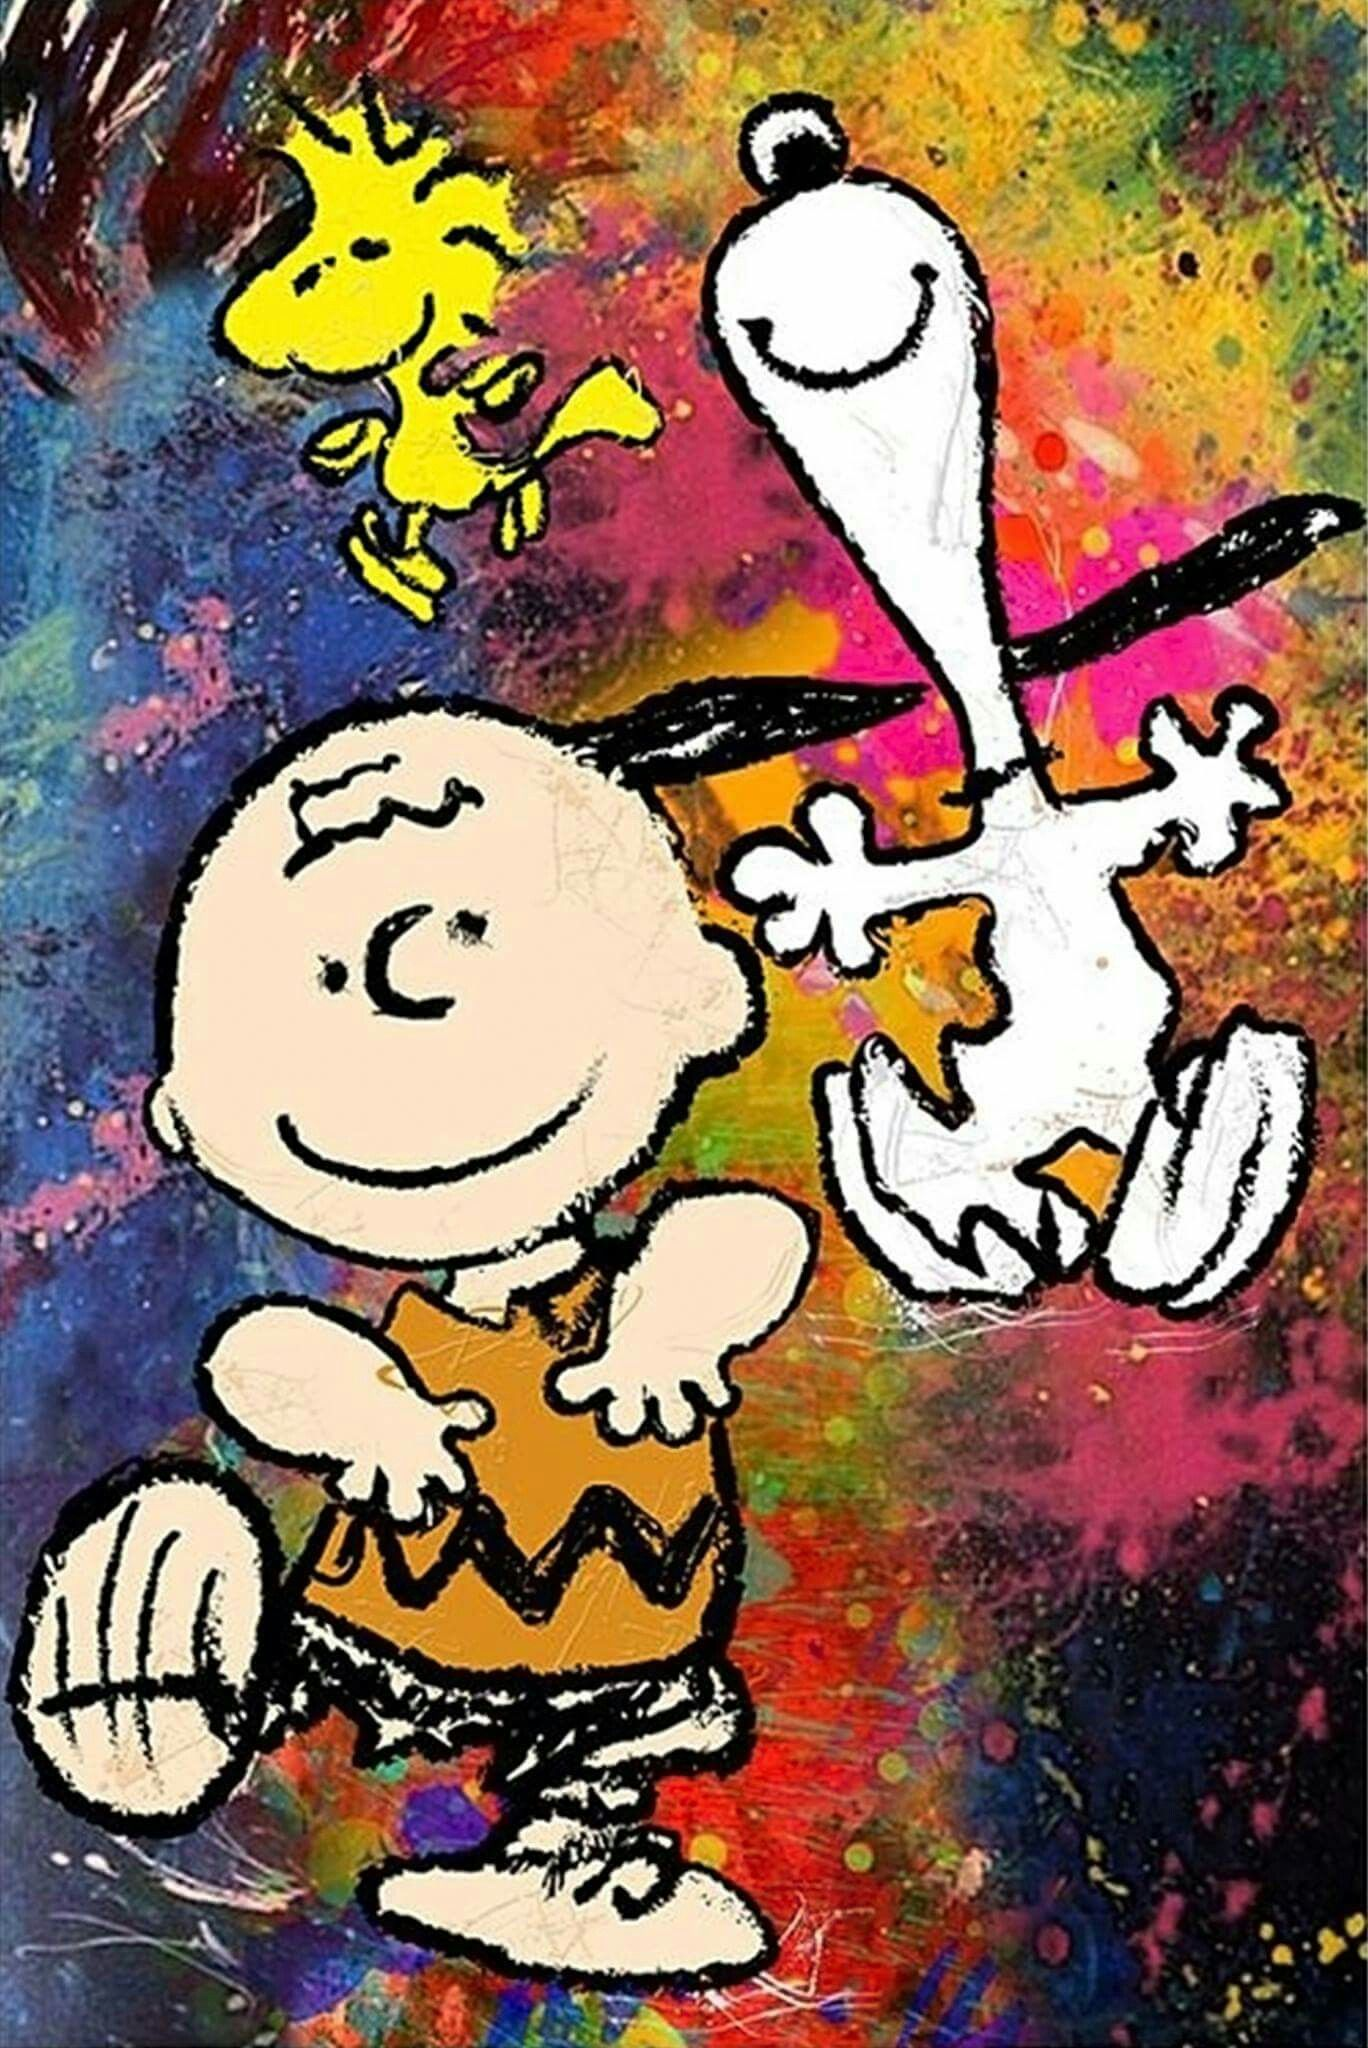 Pin de TODD en Peanuts | Pinterest | Charlie brown, Imprimibles y ...